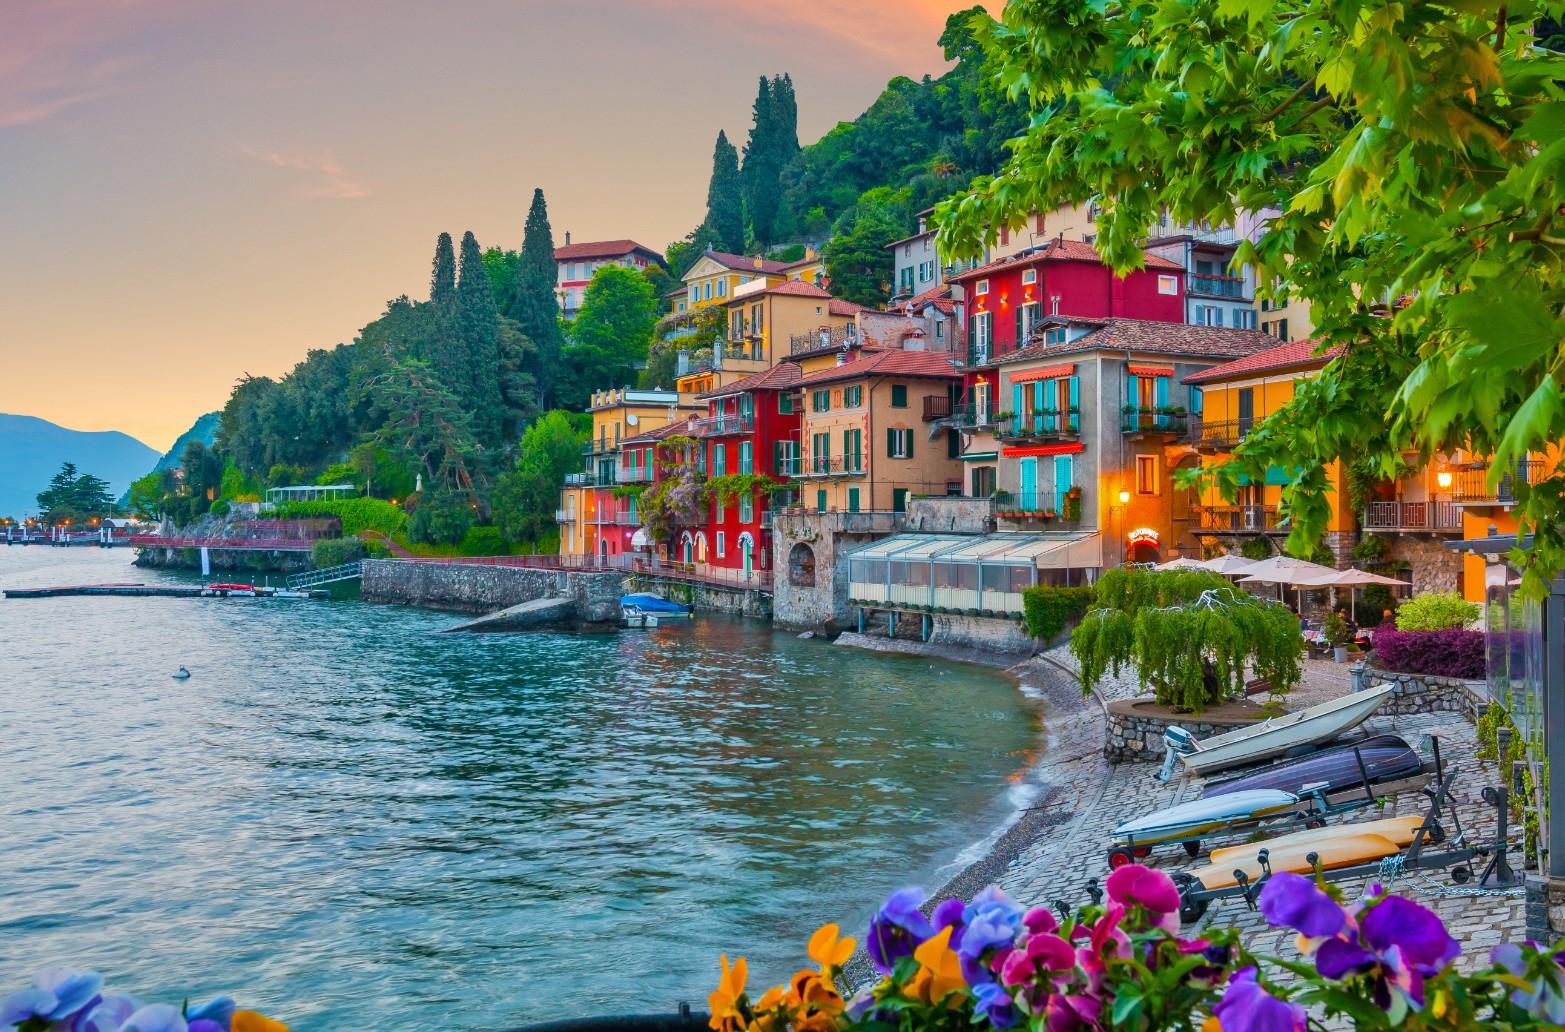 5 dni nad jeziorem Como we Włoszech w czerwcu. Lot/auto z ubezpieczeniem/zakwaterowanie. 415 zł/os